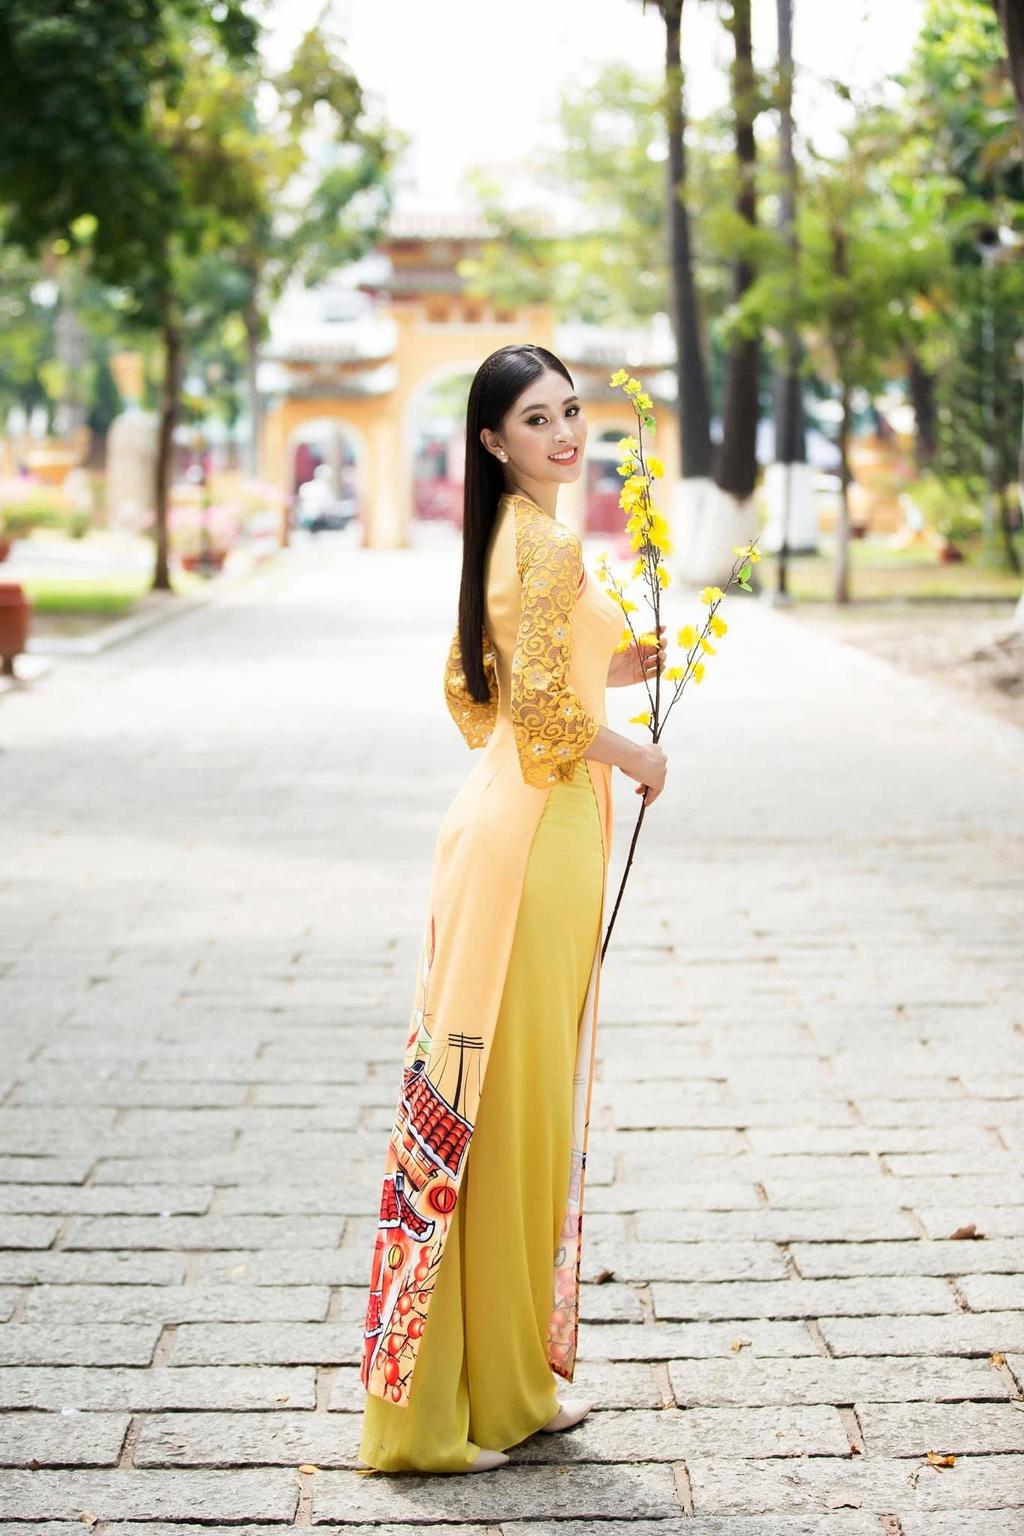 Dan my nhan Viet dong loat dien ao dai don Tet hinh anh 3